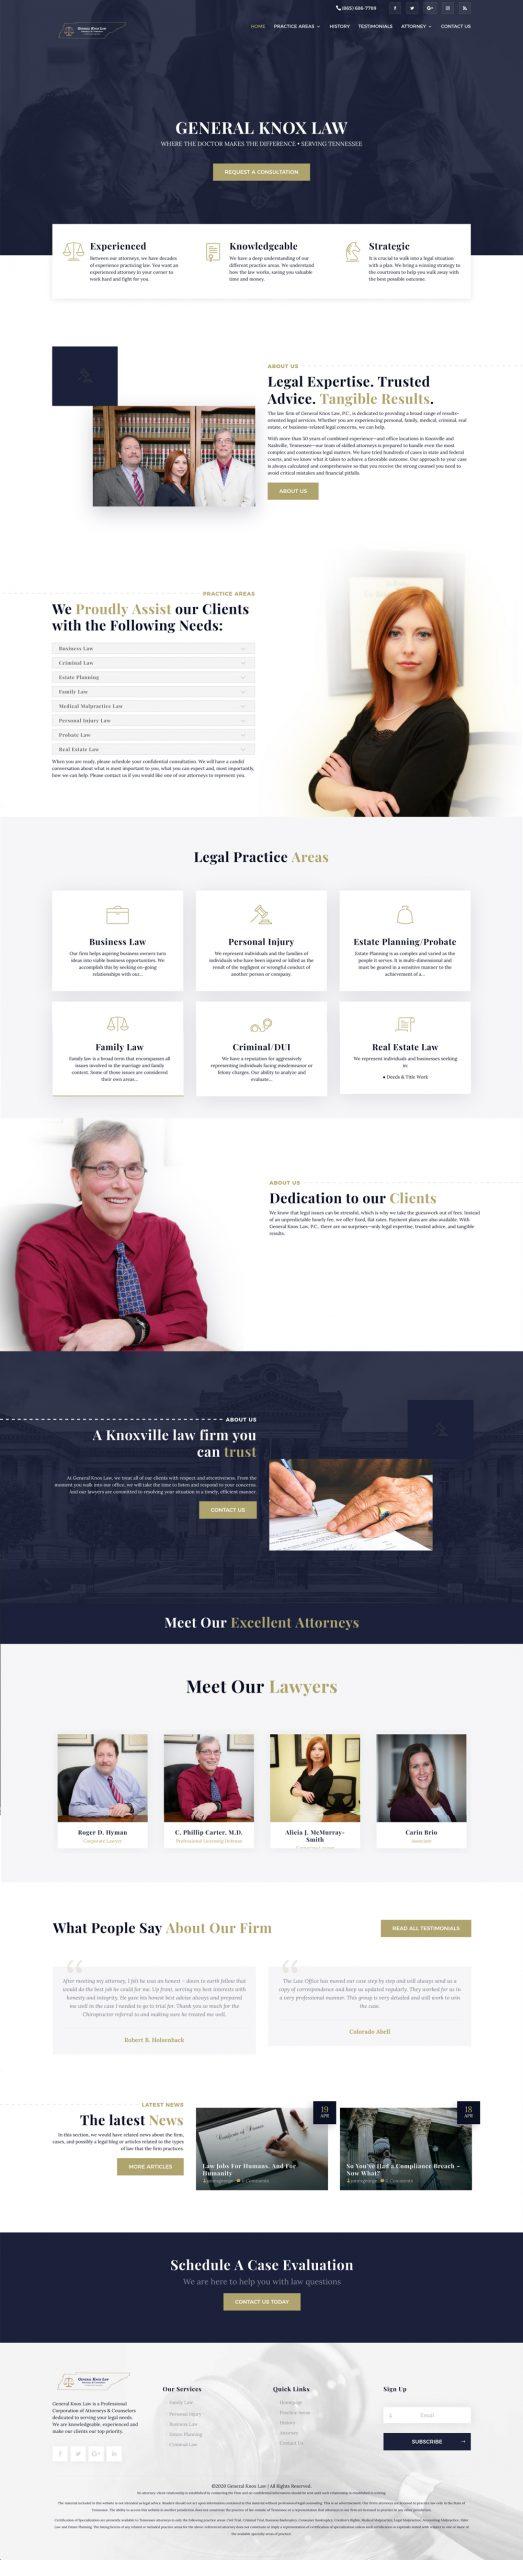 general Knox Law website